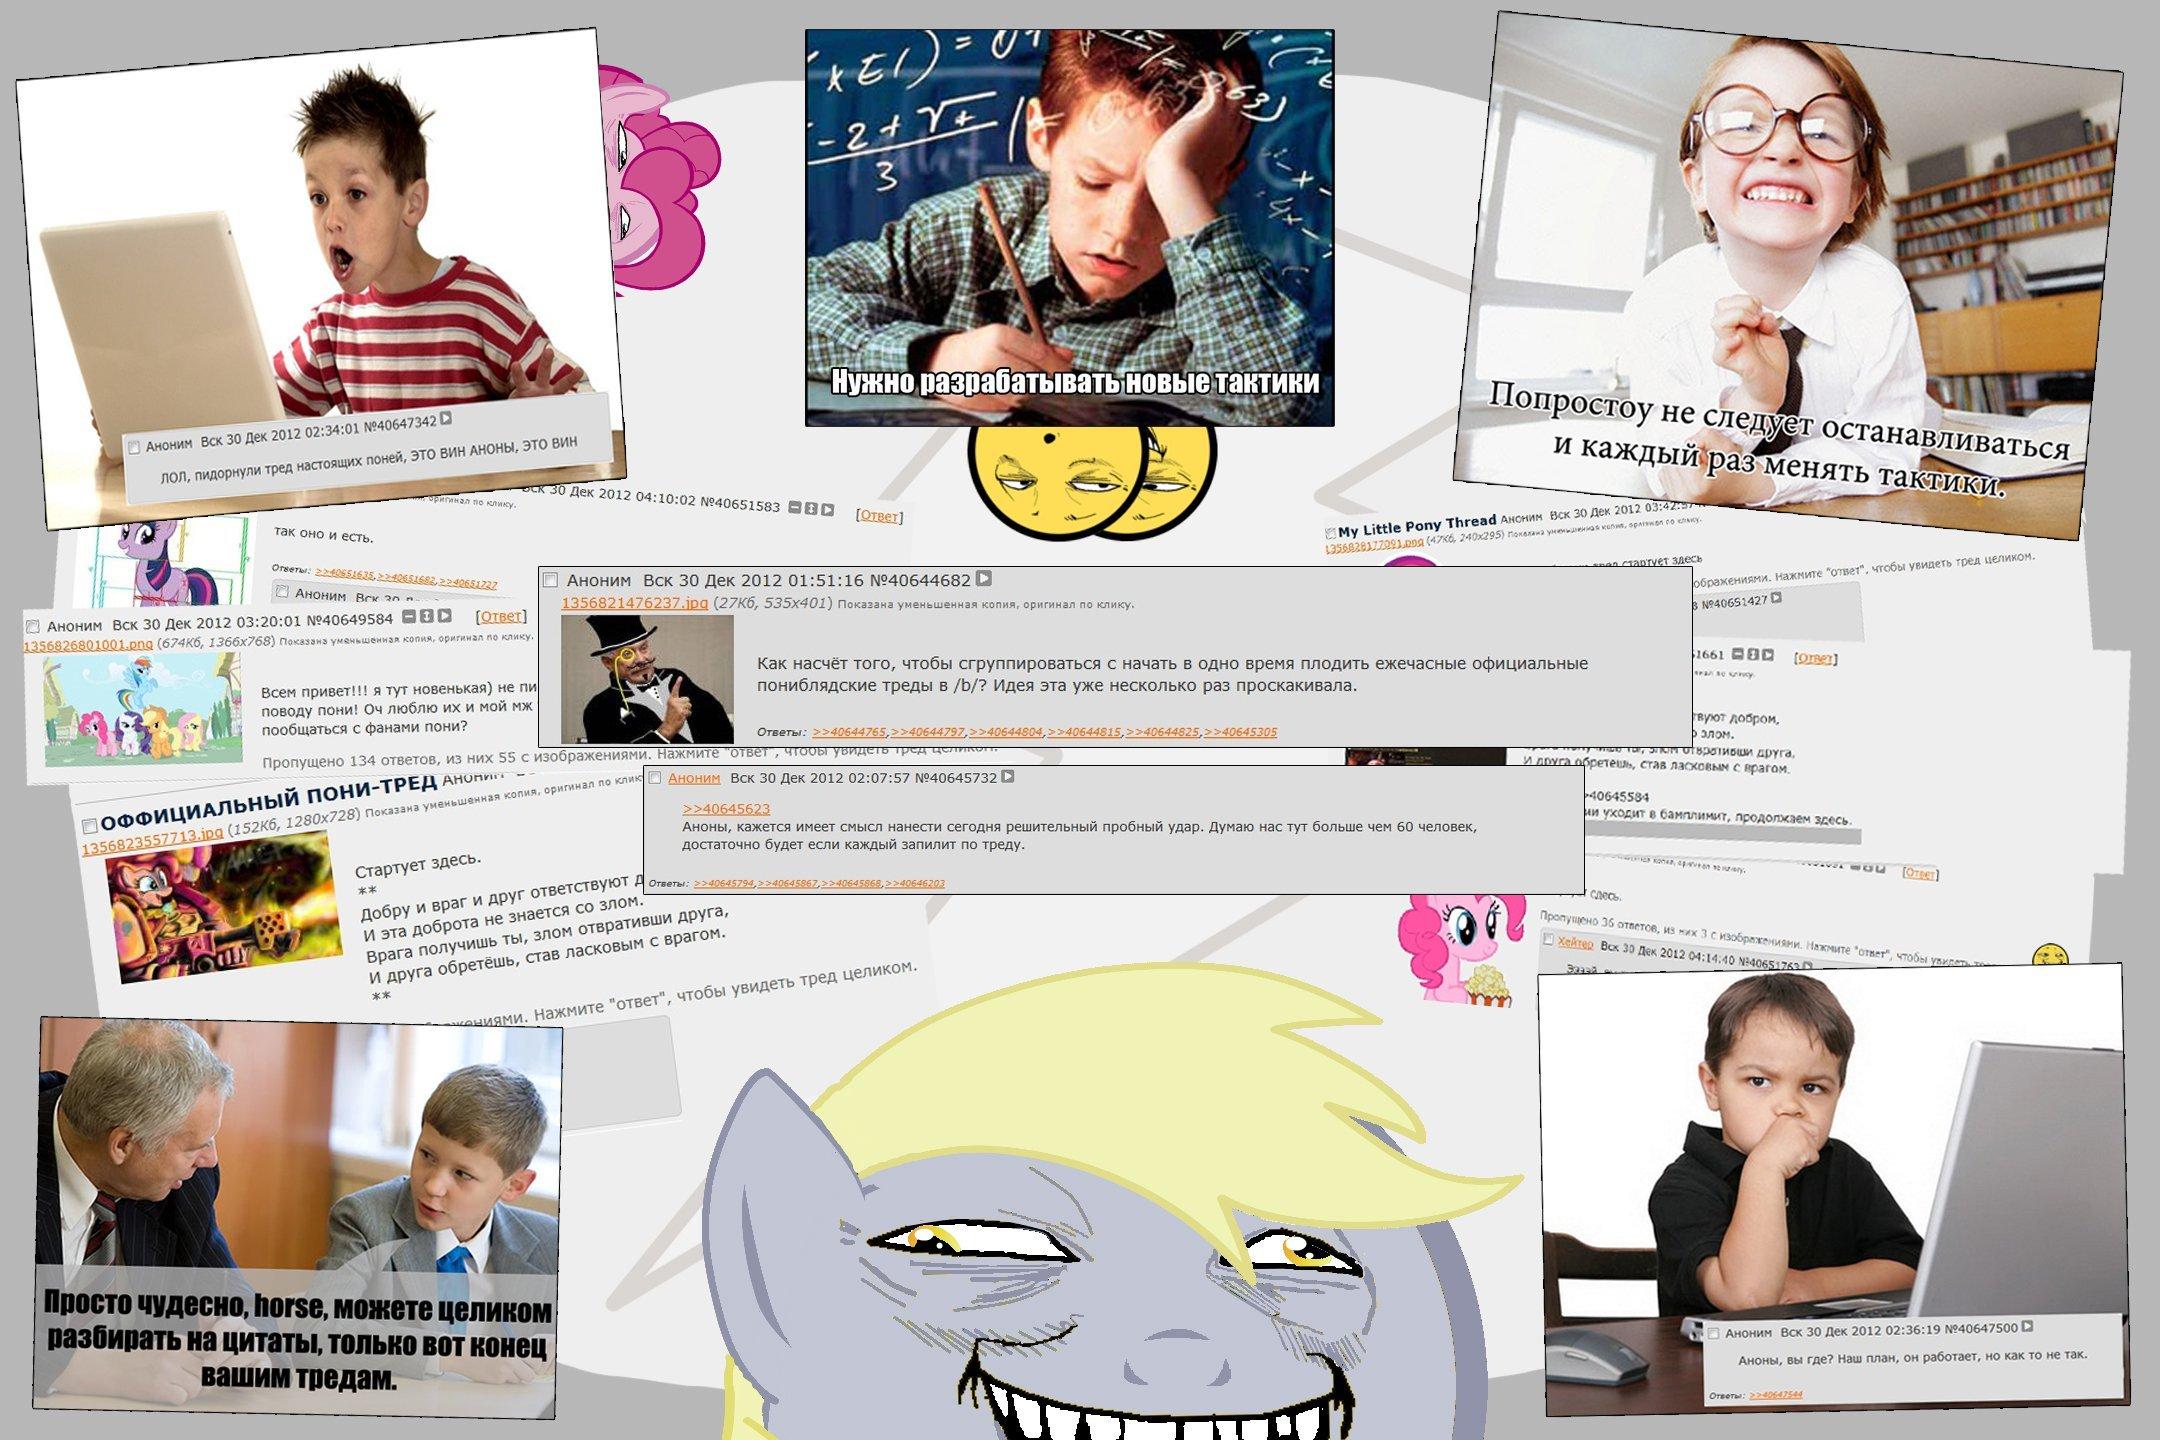 бесплатный сайт знакомства по чату без регистрации